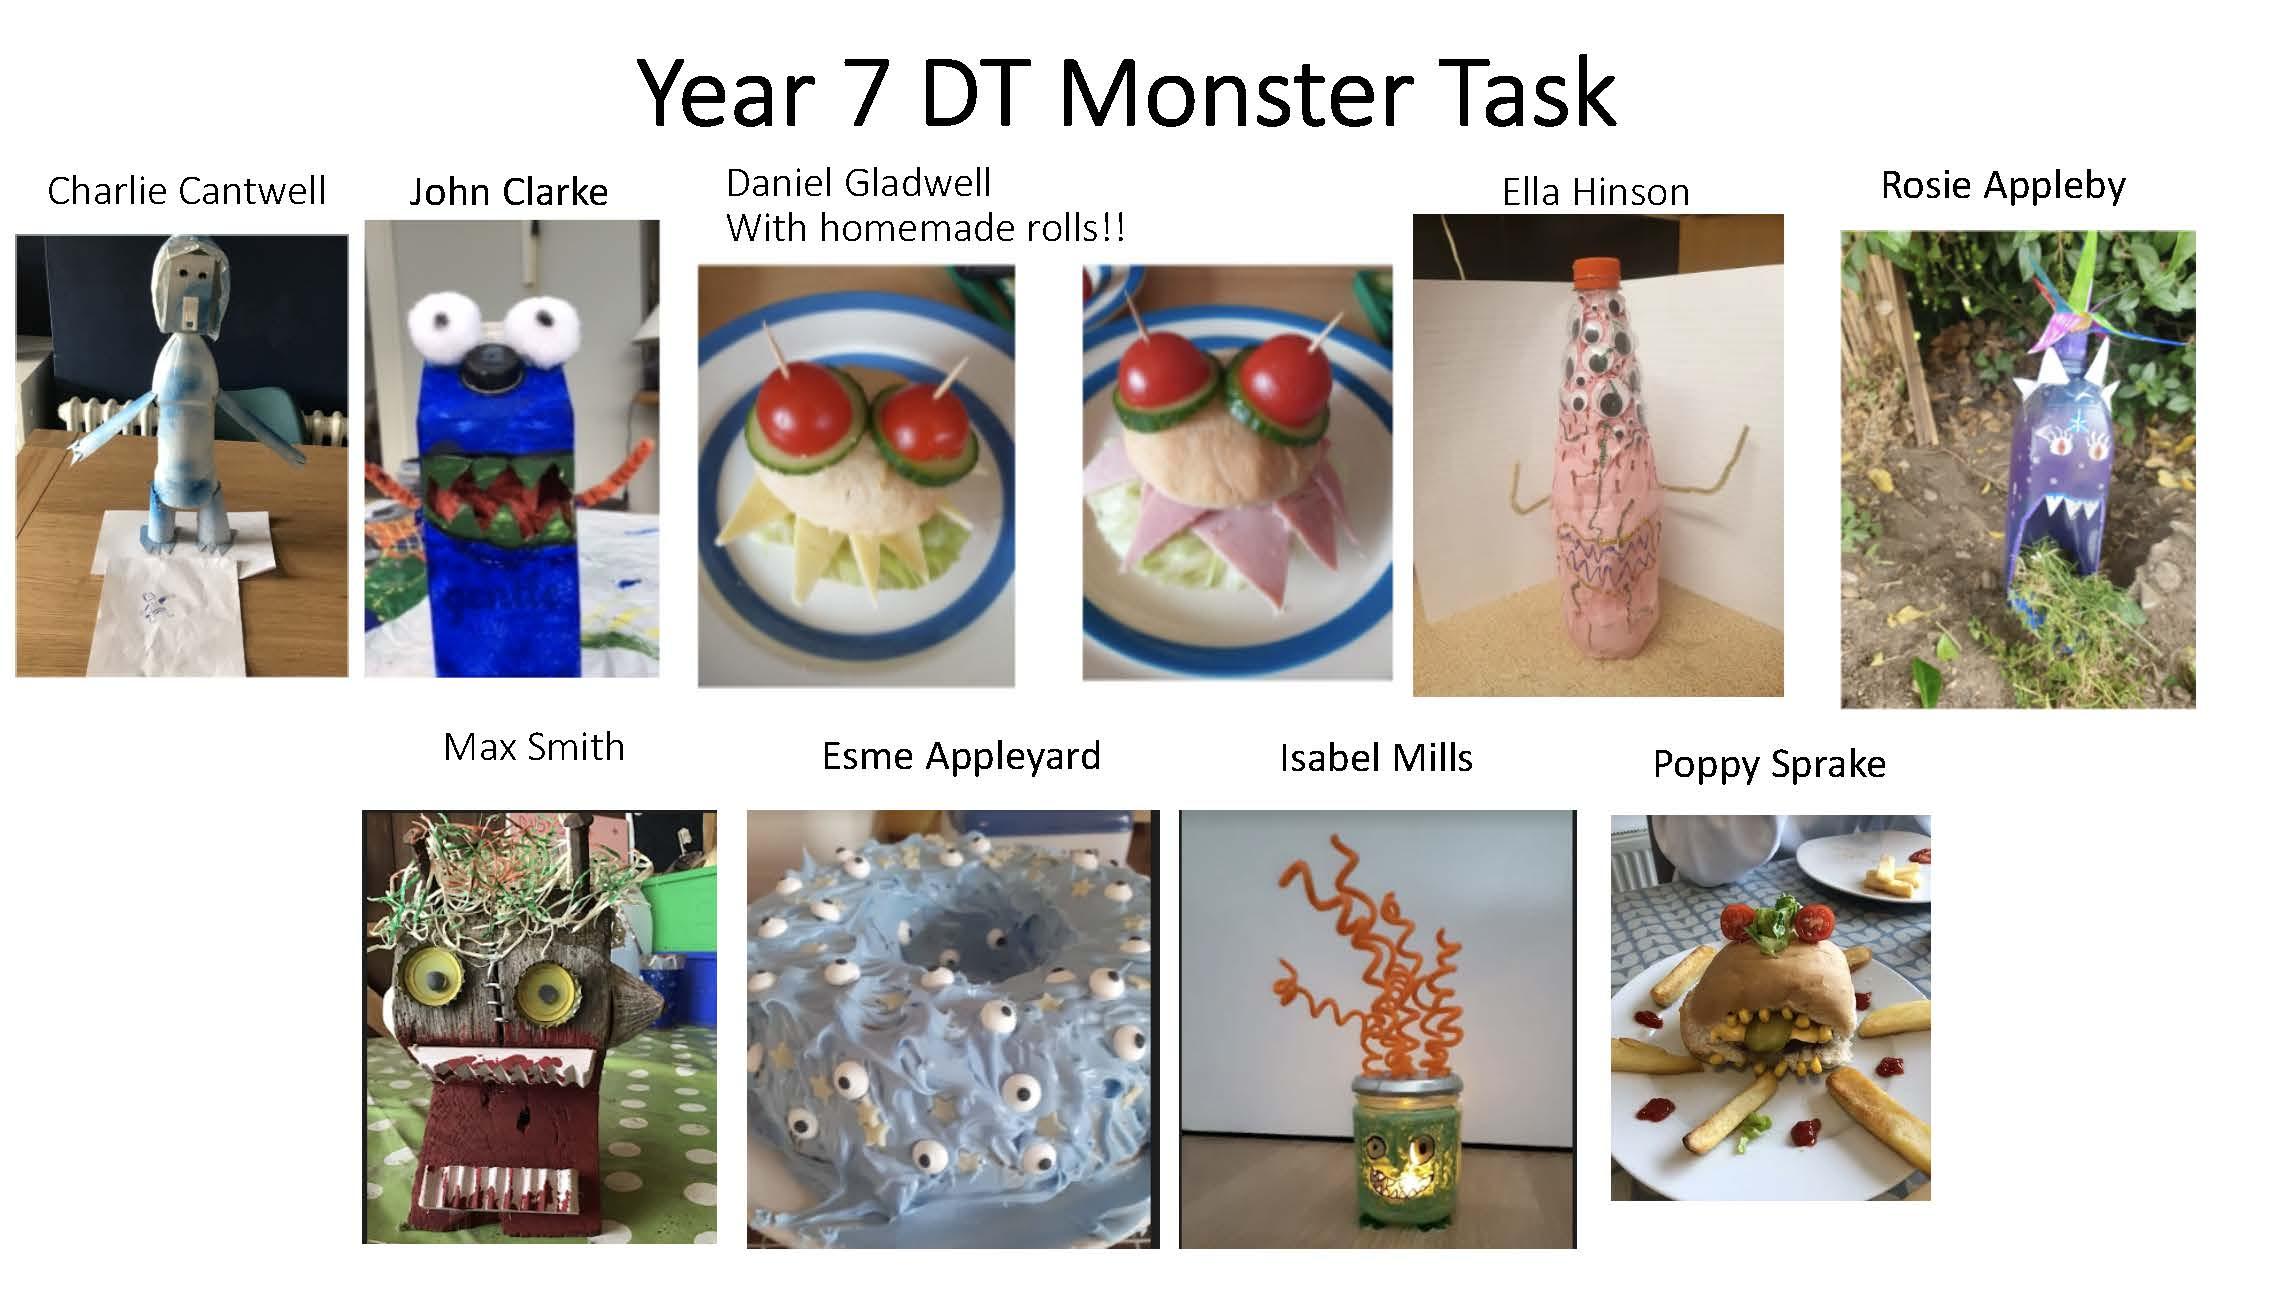 08/06/20 - Year 7 DT Monster Task